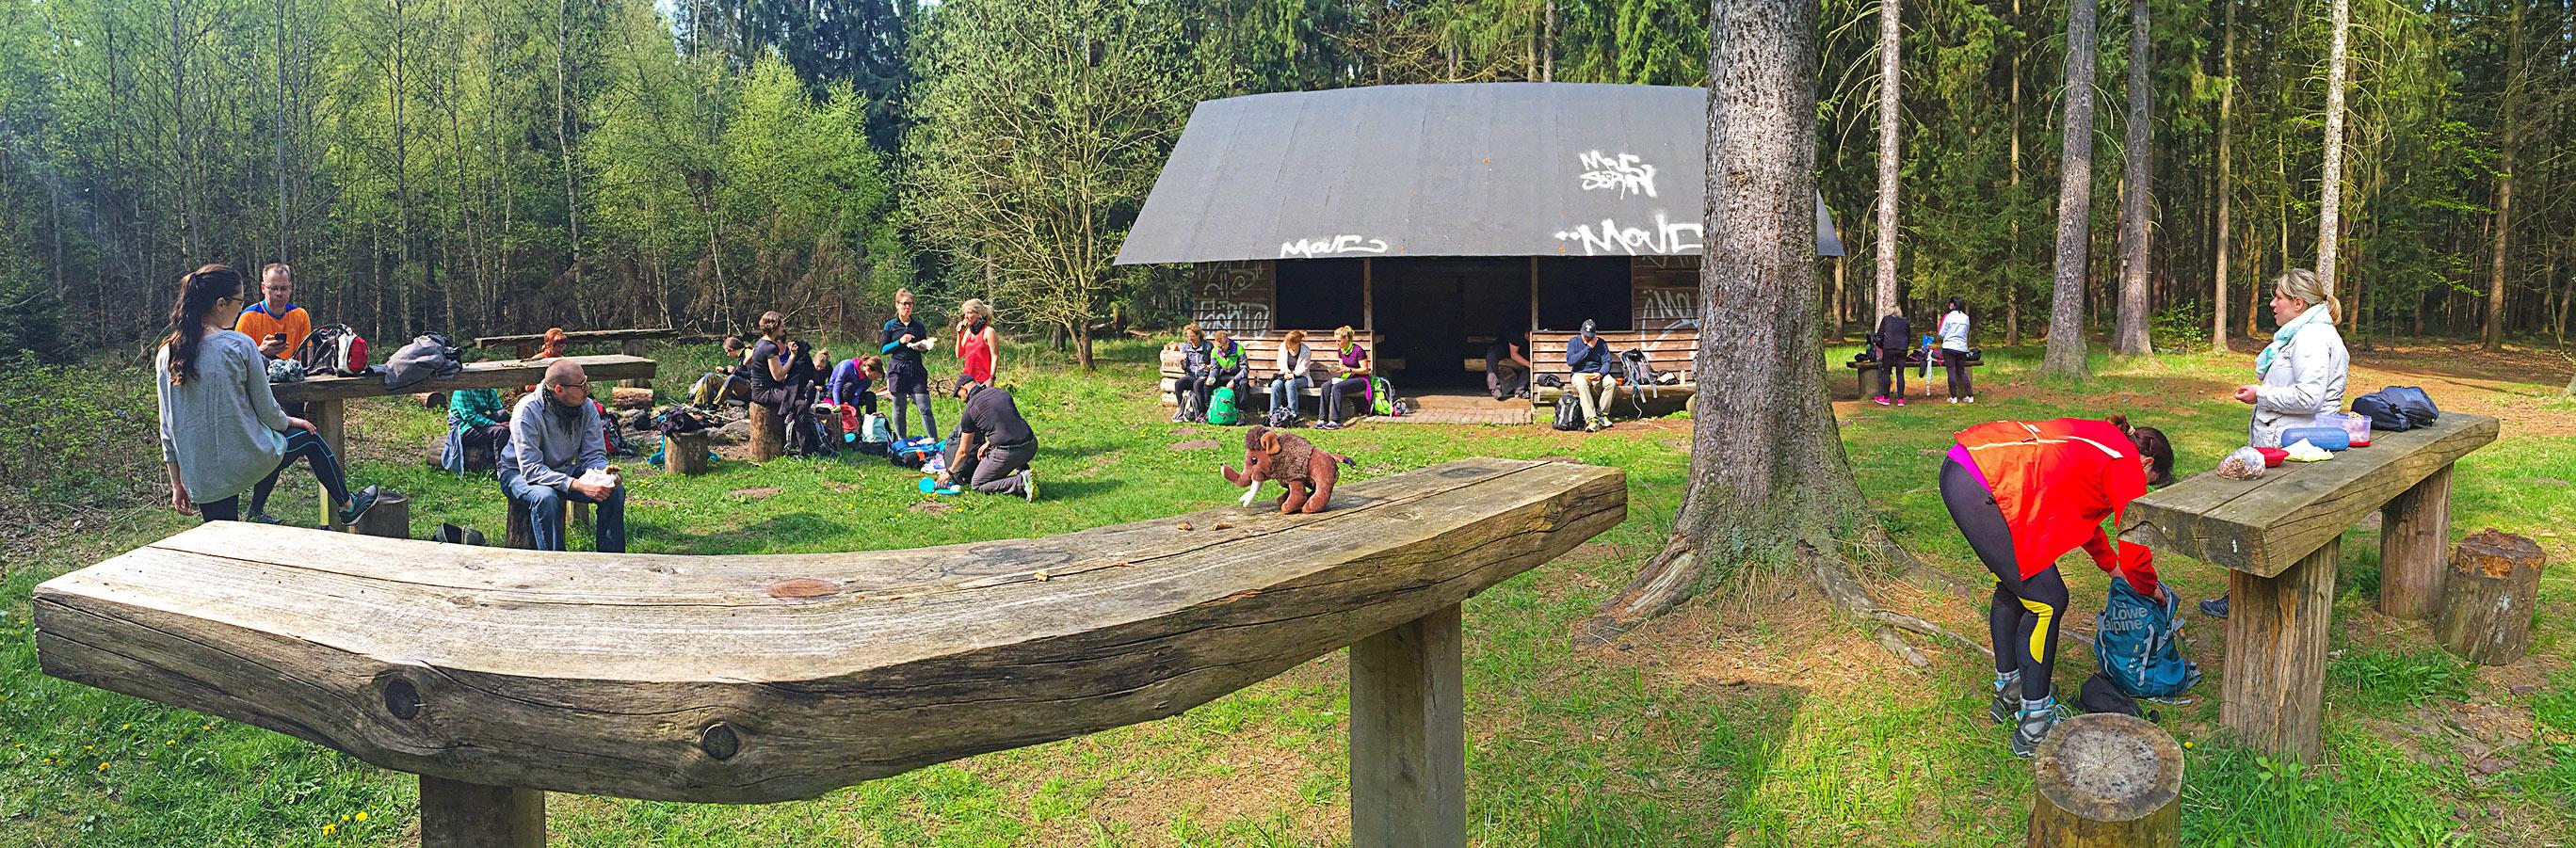 Mammutmarschtraining 7 Pause1 Panorama